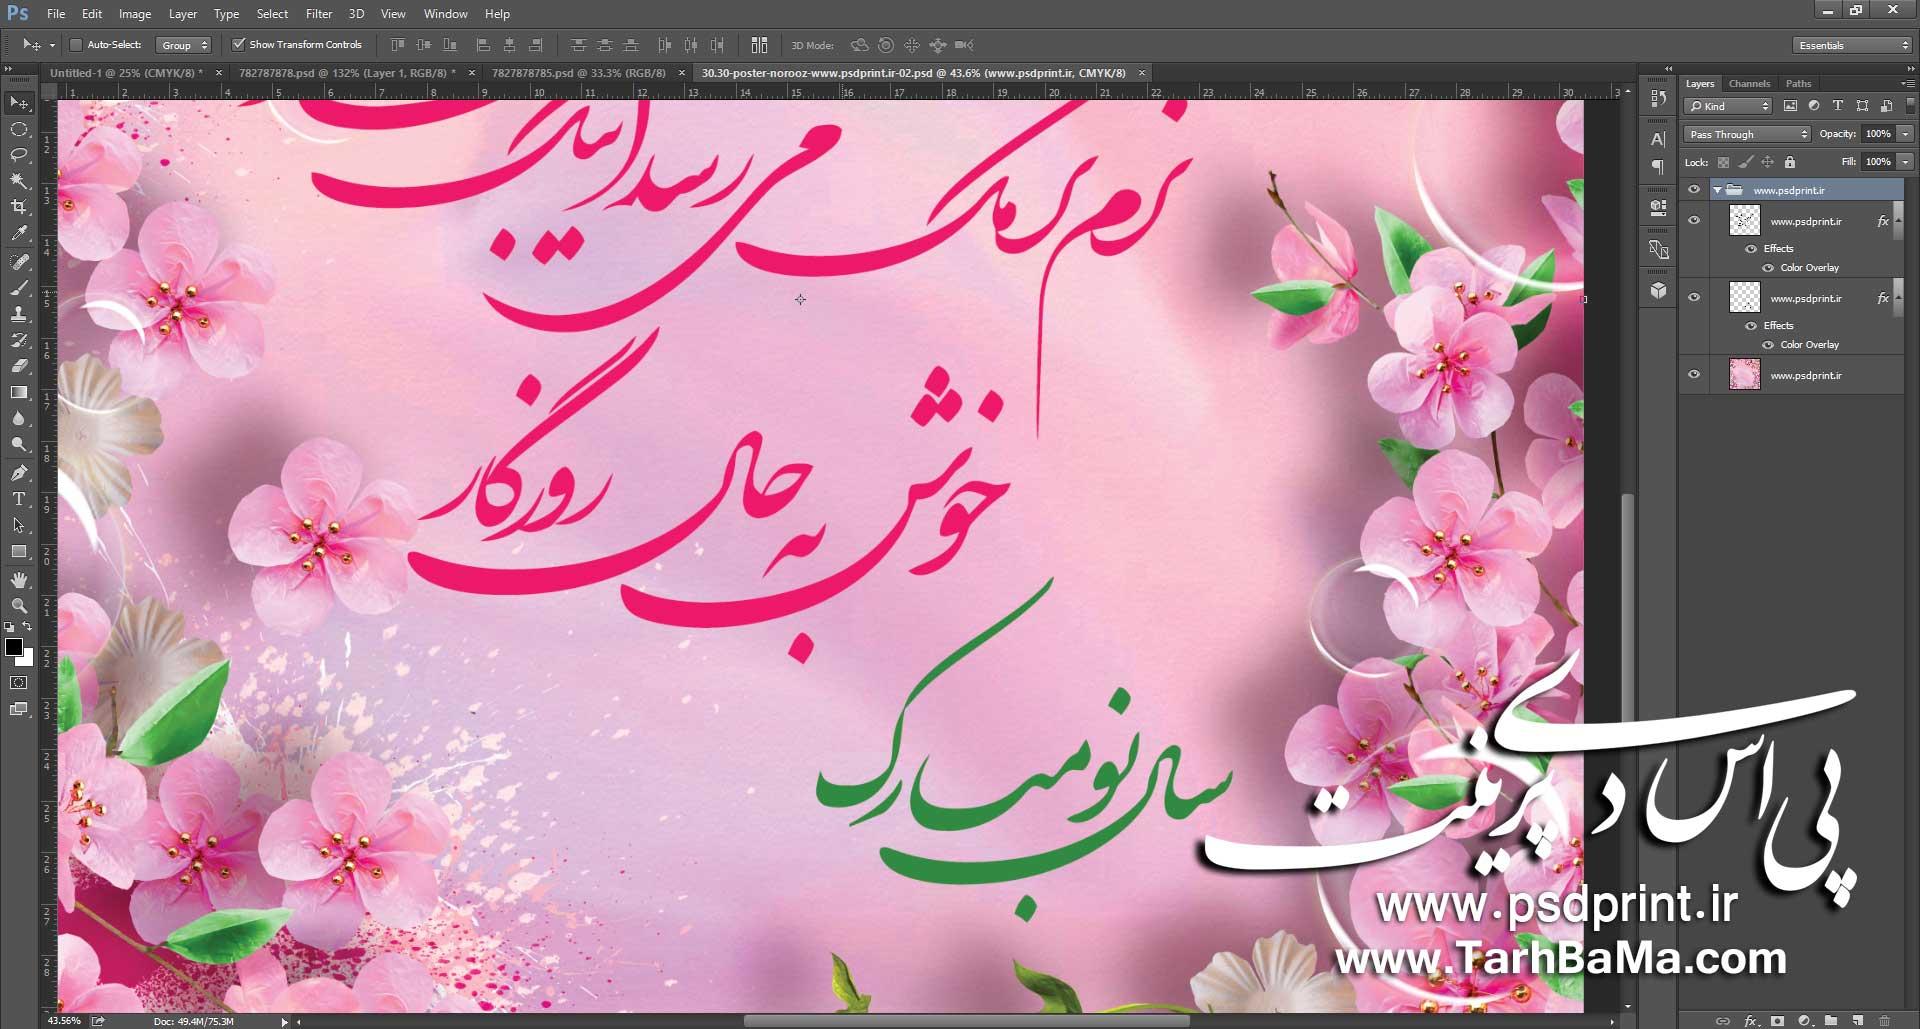 پوستر عید نوروز مبارک